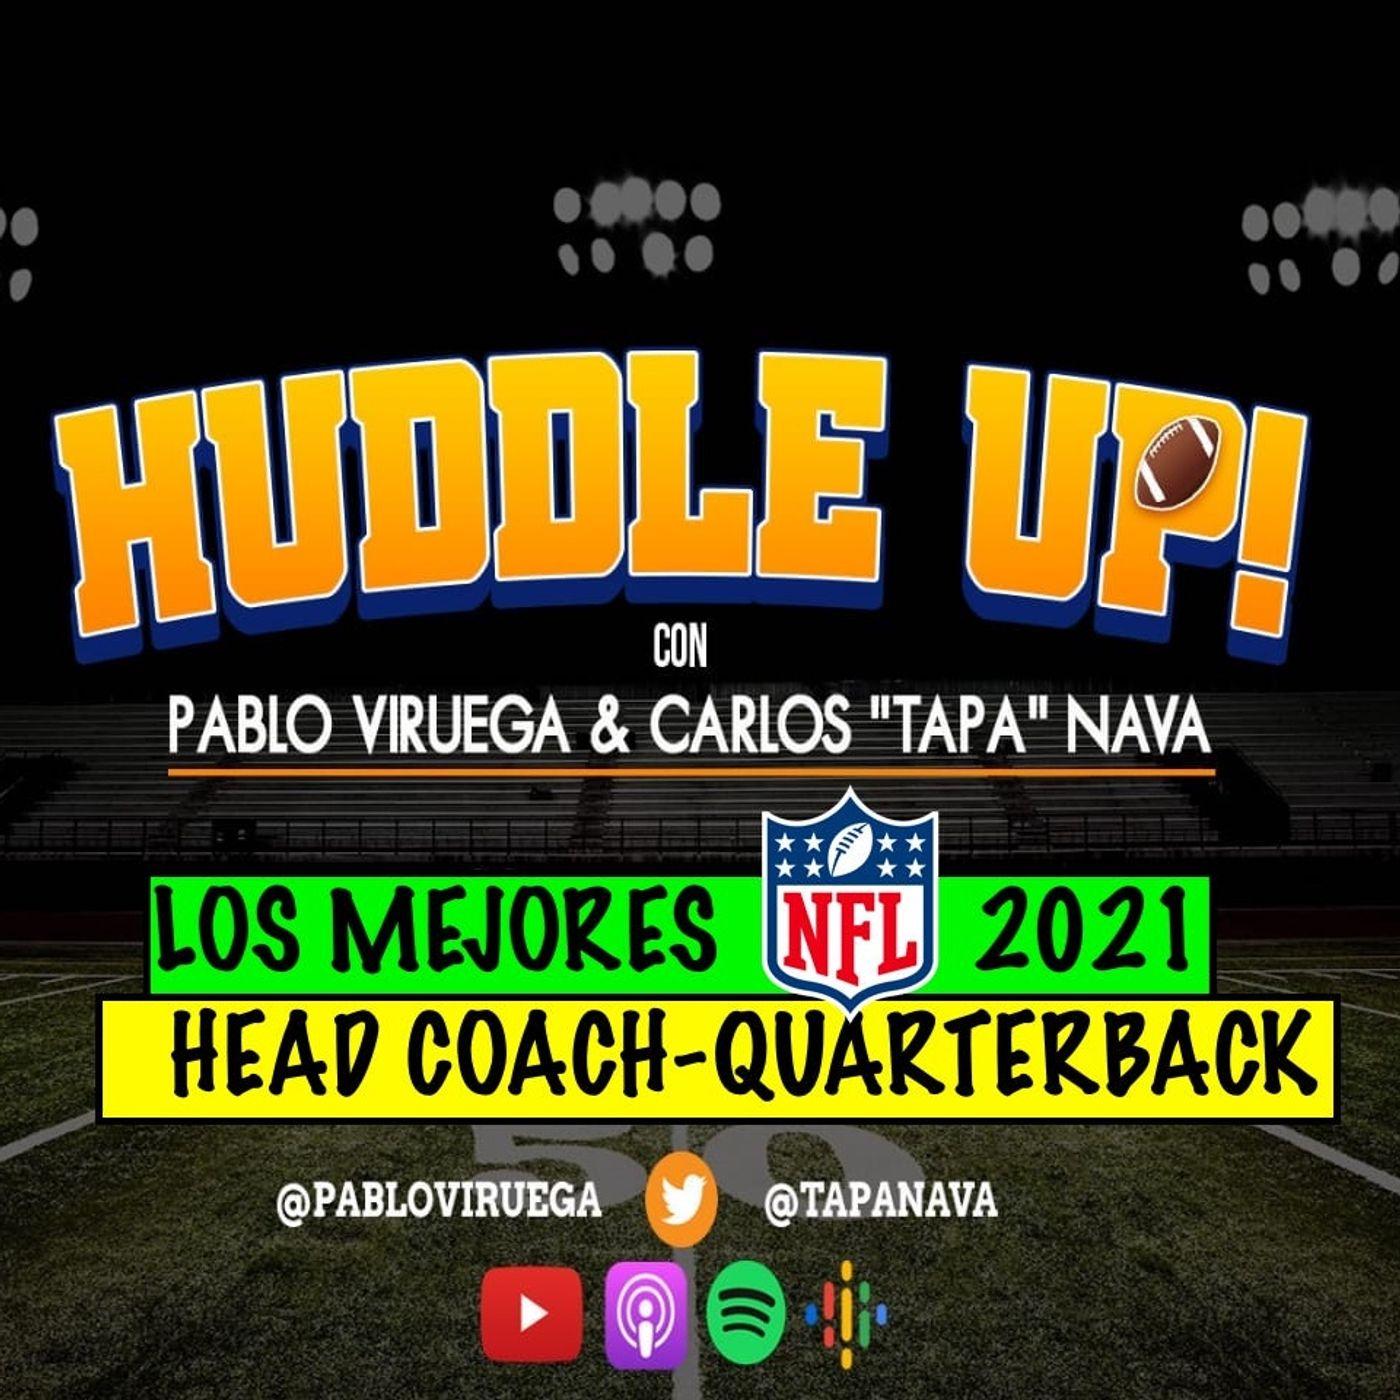 #HuddleUP Los Mejores Dúos Head Coach-Quarterback para #NFL 20201 con @TapaNava y @PabloViruega